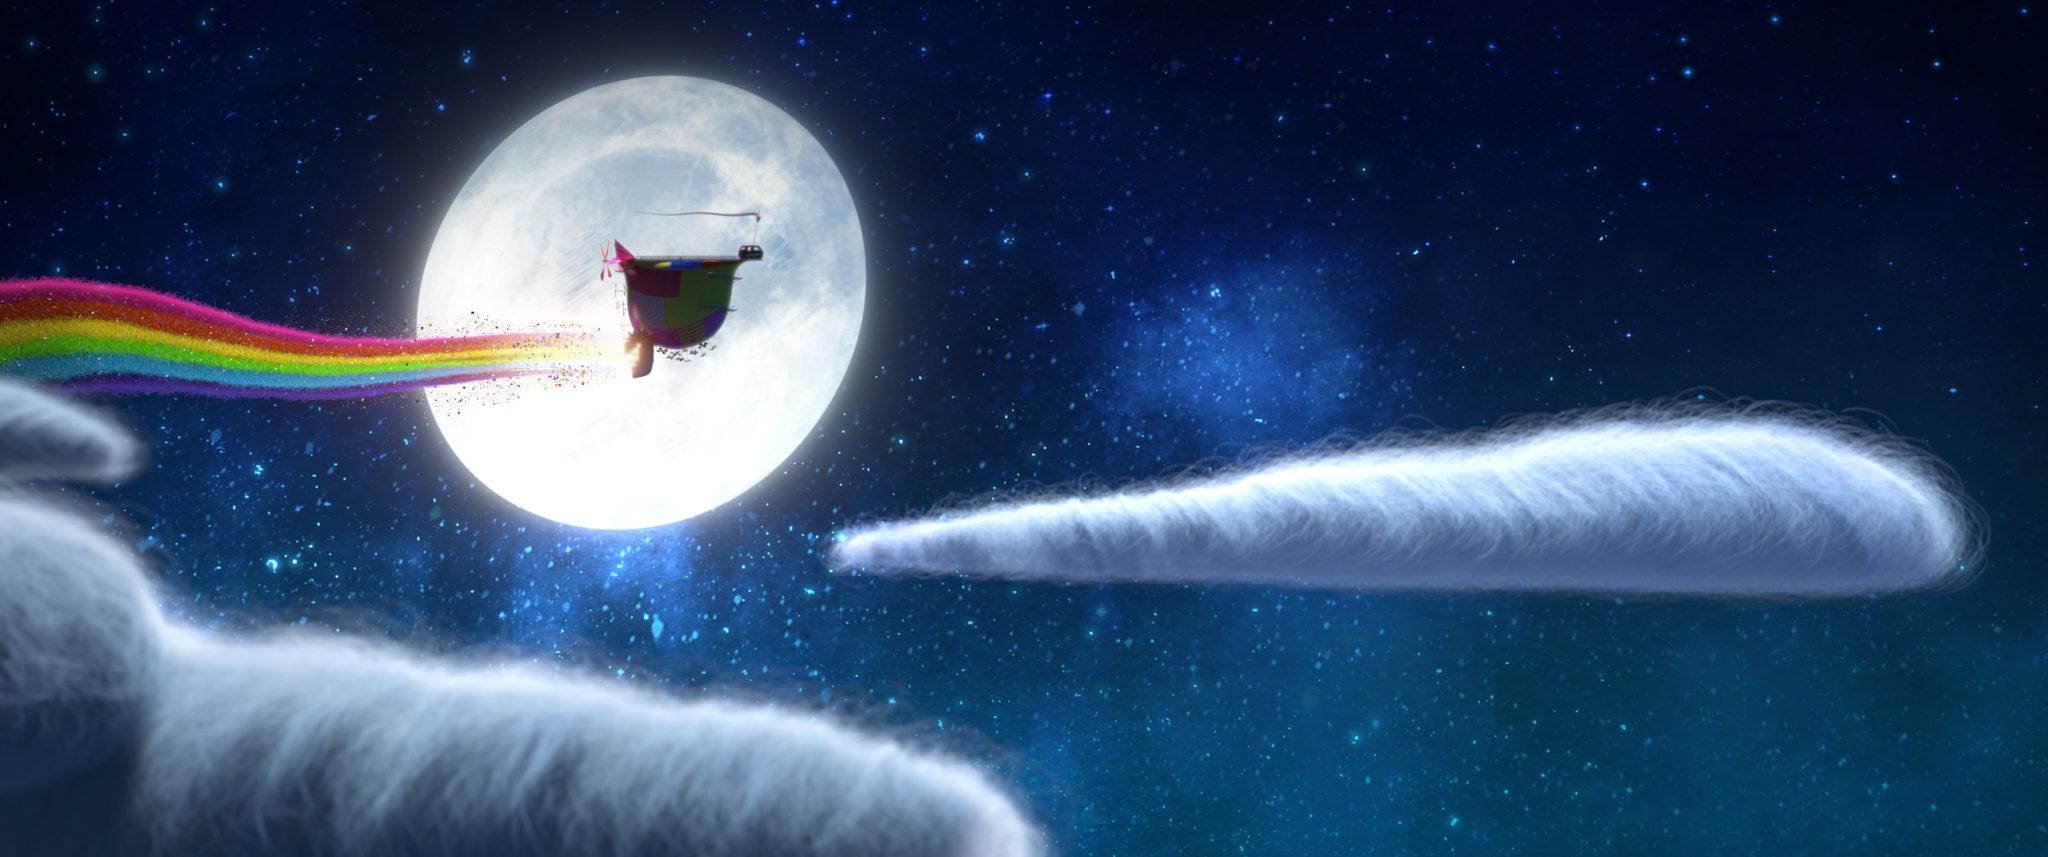 Ein Luftschiff fährt durch einen Regenbogen-Antrieb nachts durch die Lüfte, im Hintergrund leuchtet der Mond